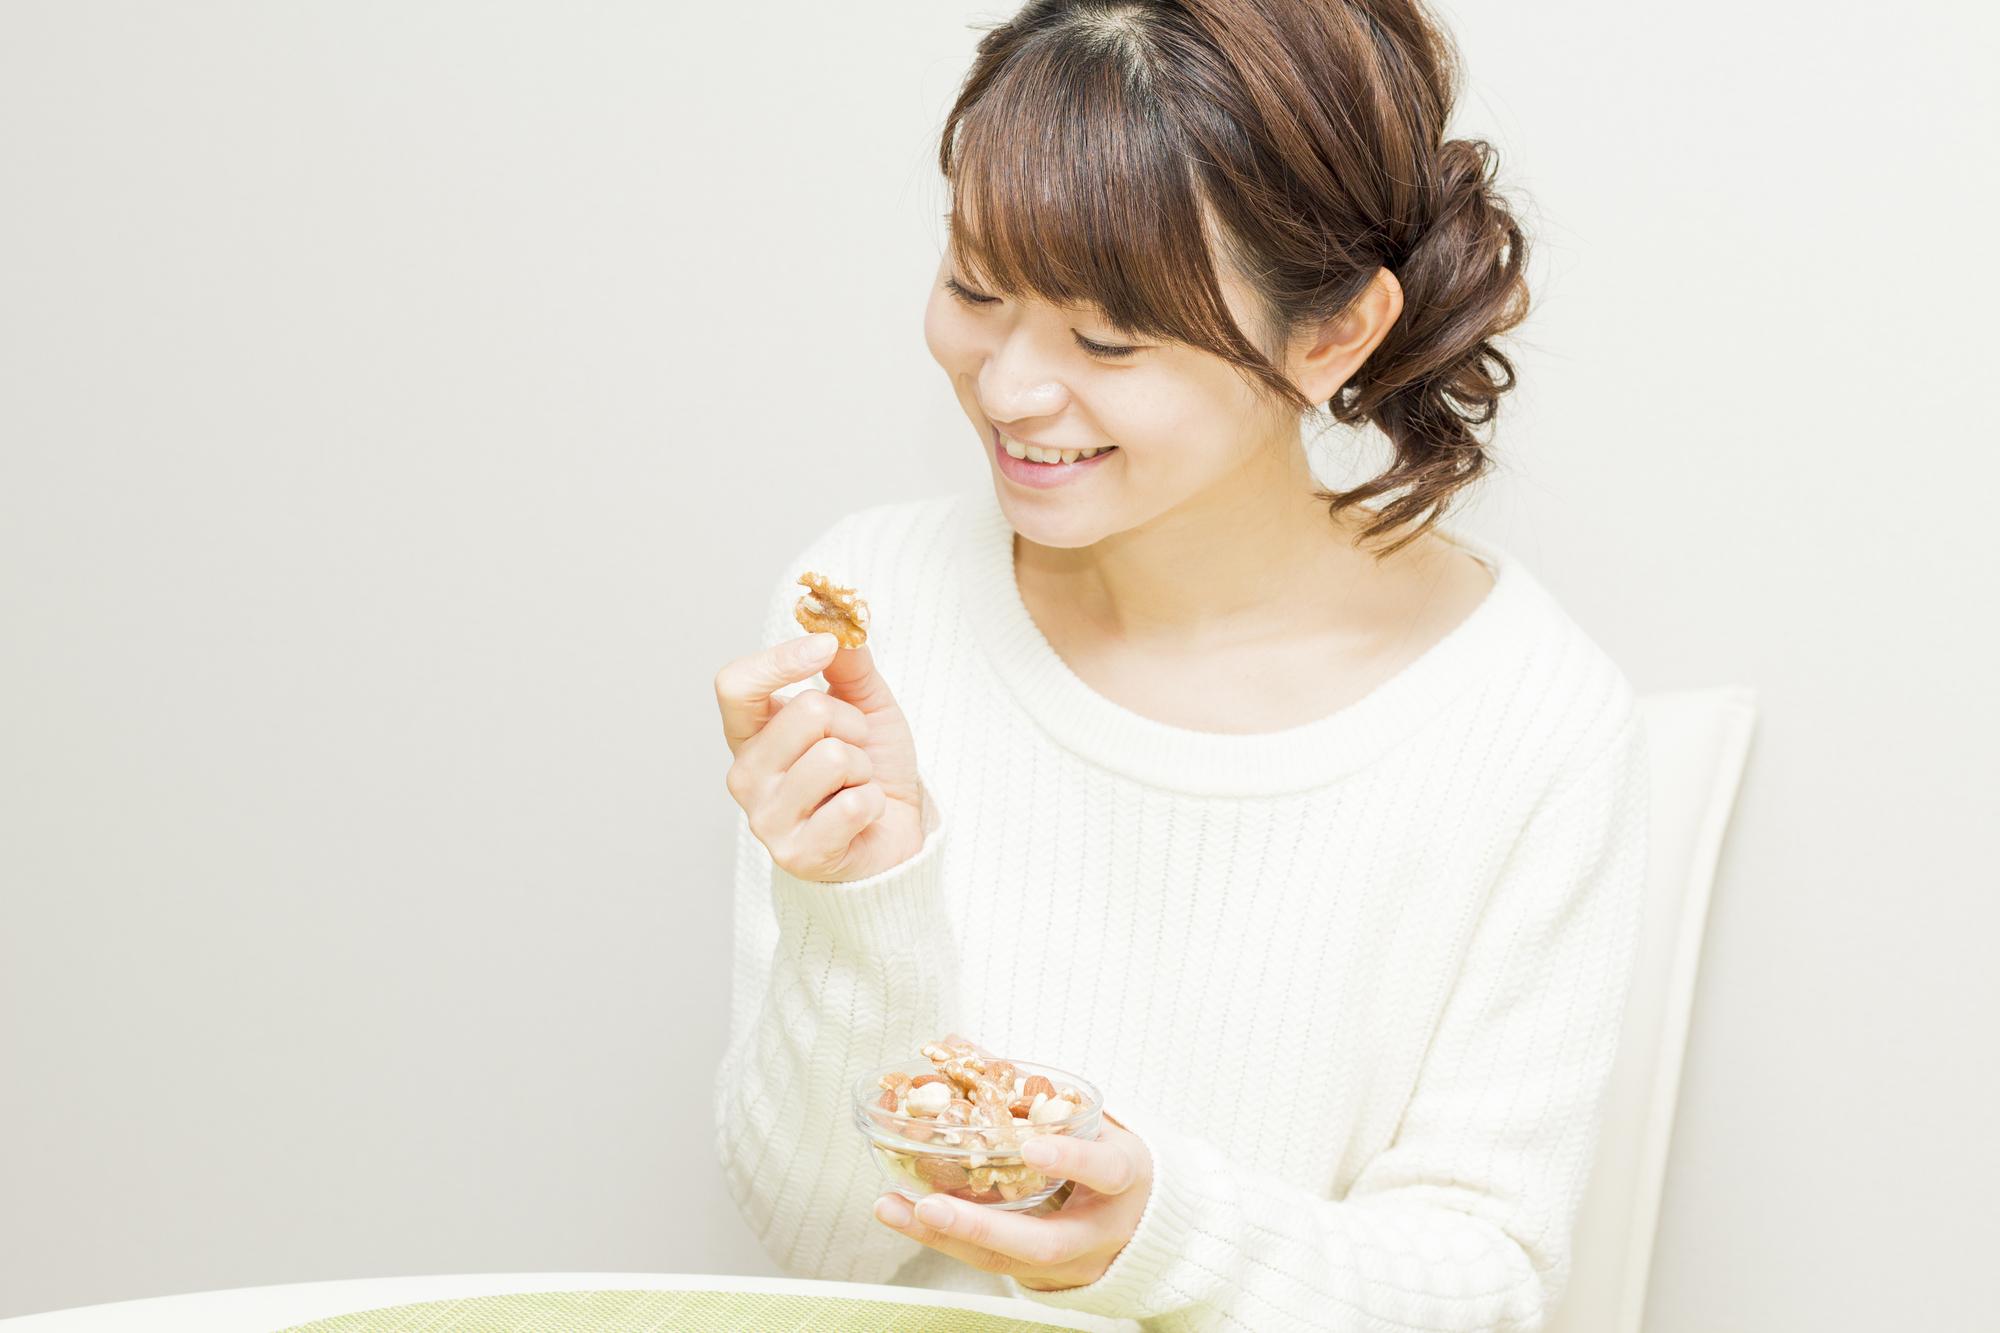 くるみはナッツ類の中でも高カロリー? 糖質や脂質は?太らない食べ方も解説!